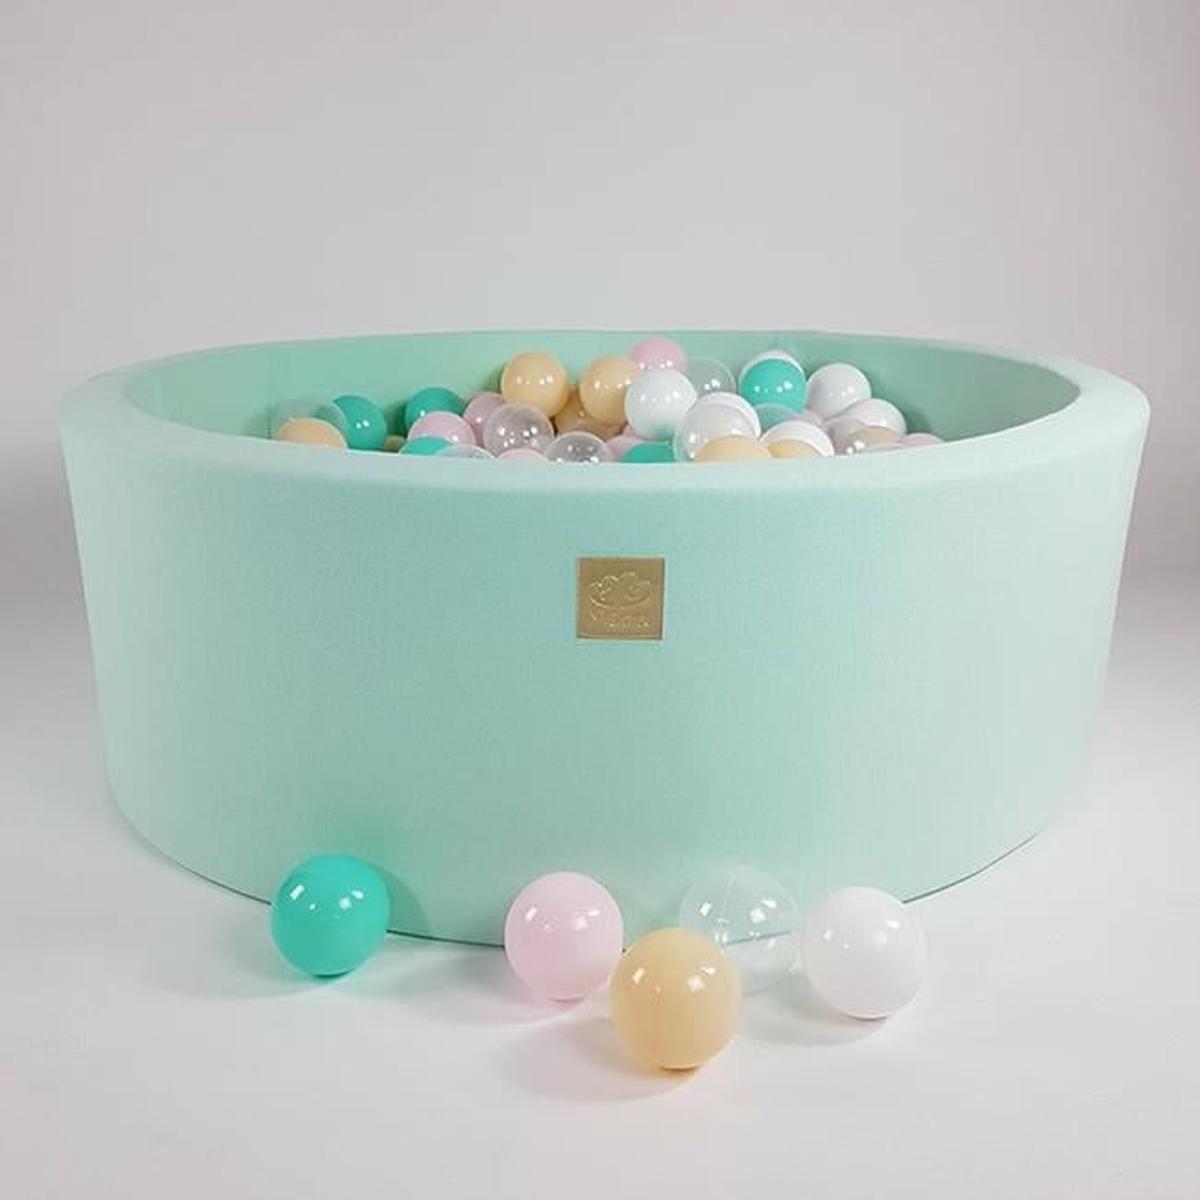 Piscine À Balles 40Cm + 300 Balles Pour Enfants Bébé Parc ... avec Piscine A Balle En Mousse